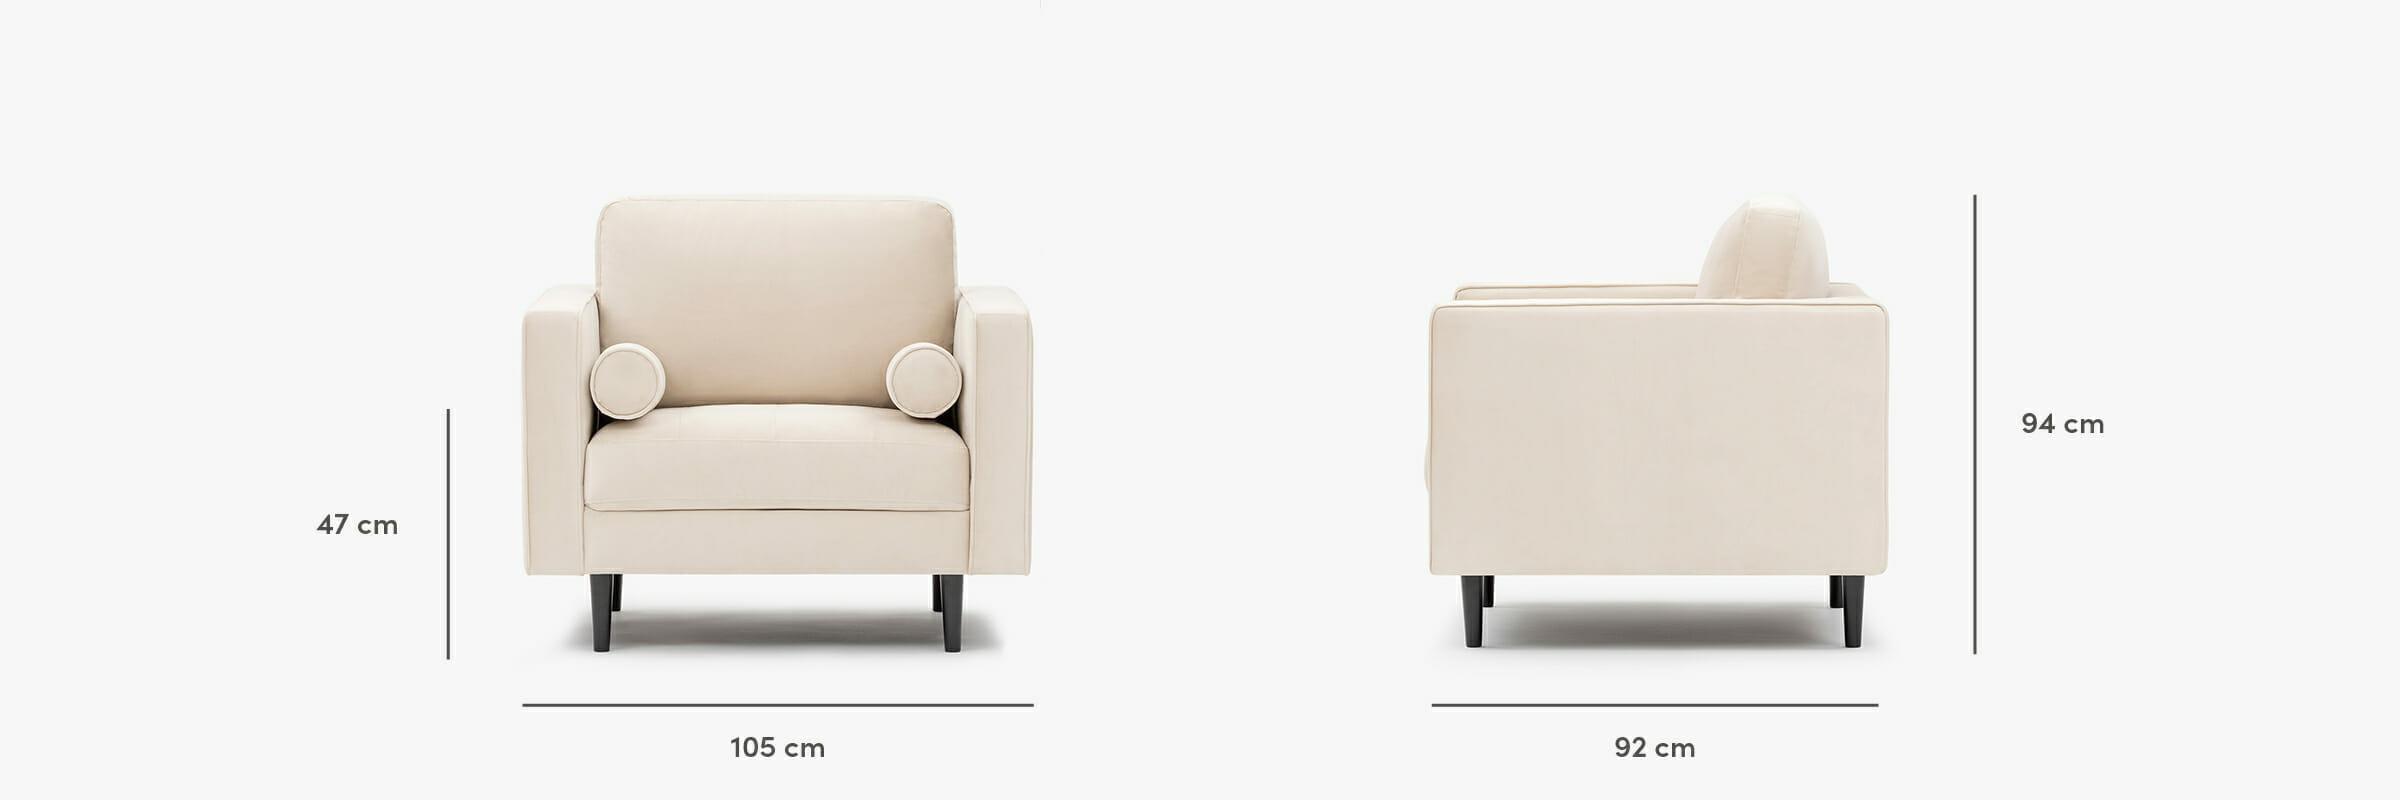 Canapé en velours Soho - dimensions